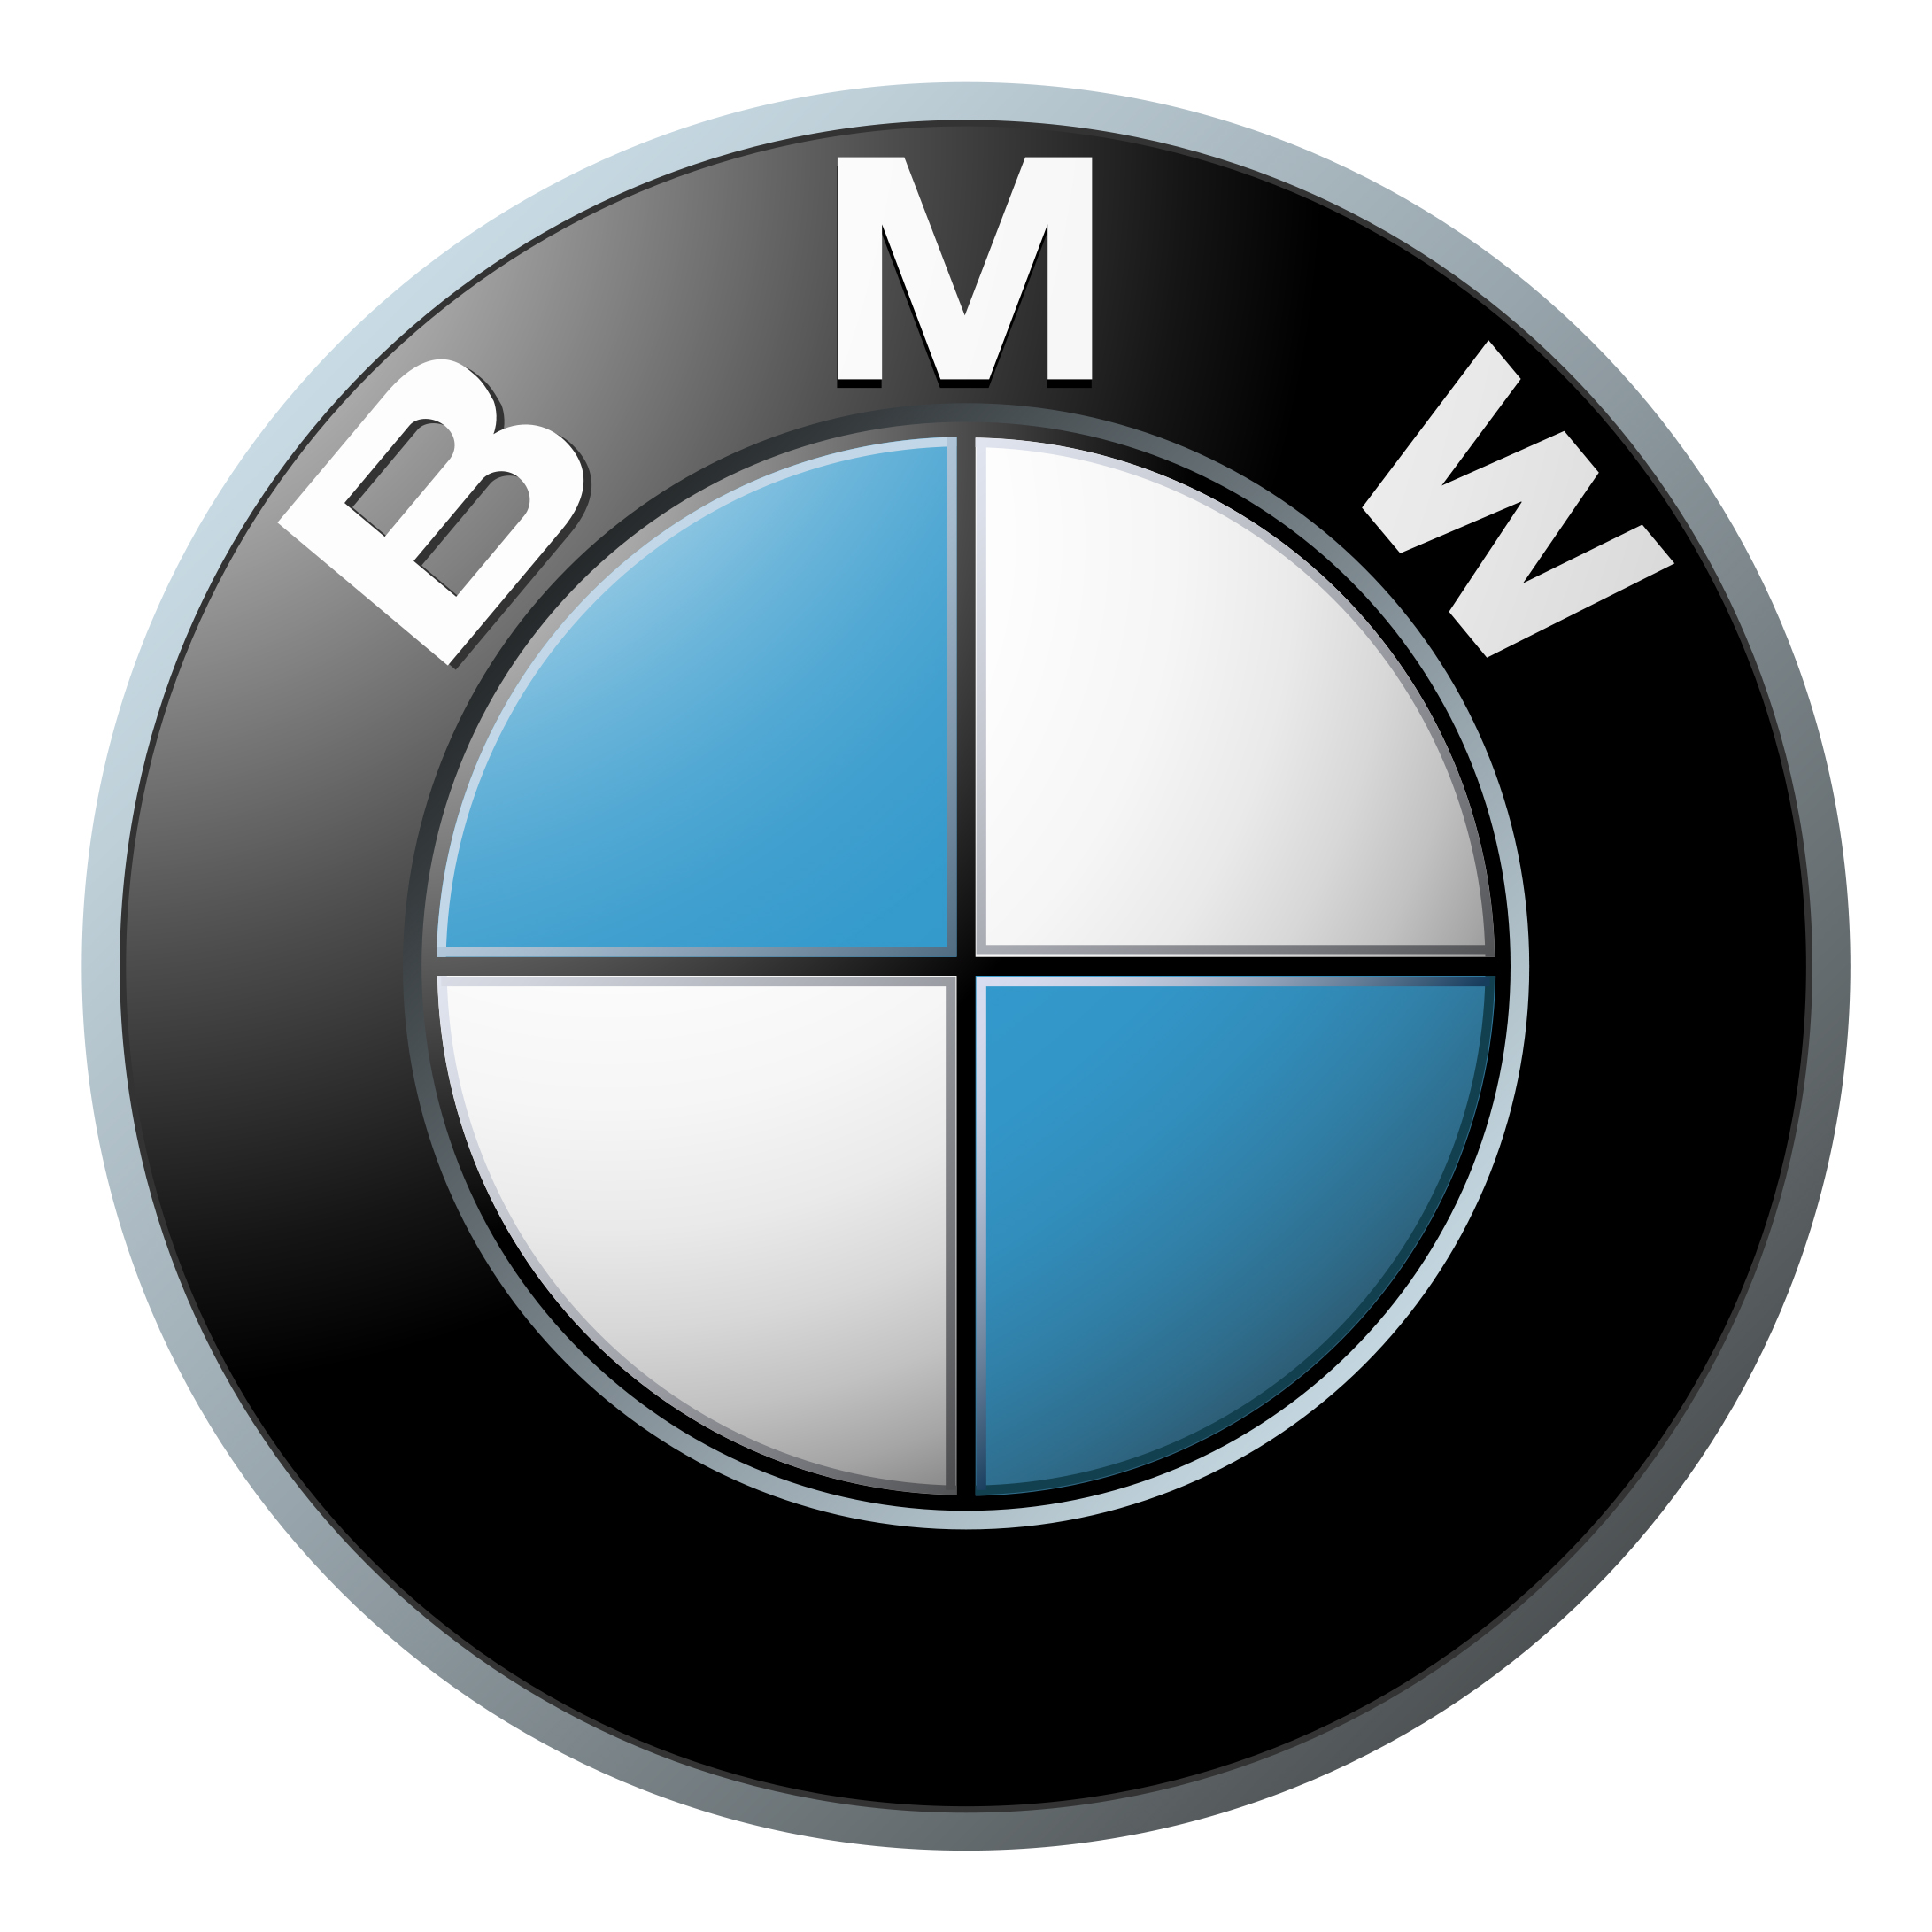 Genuine BMW Nut 07129964672 - LOCK NUT 10mm